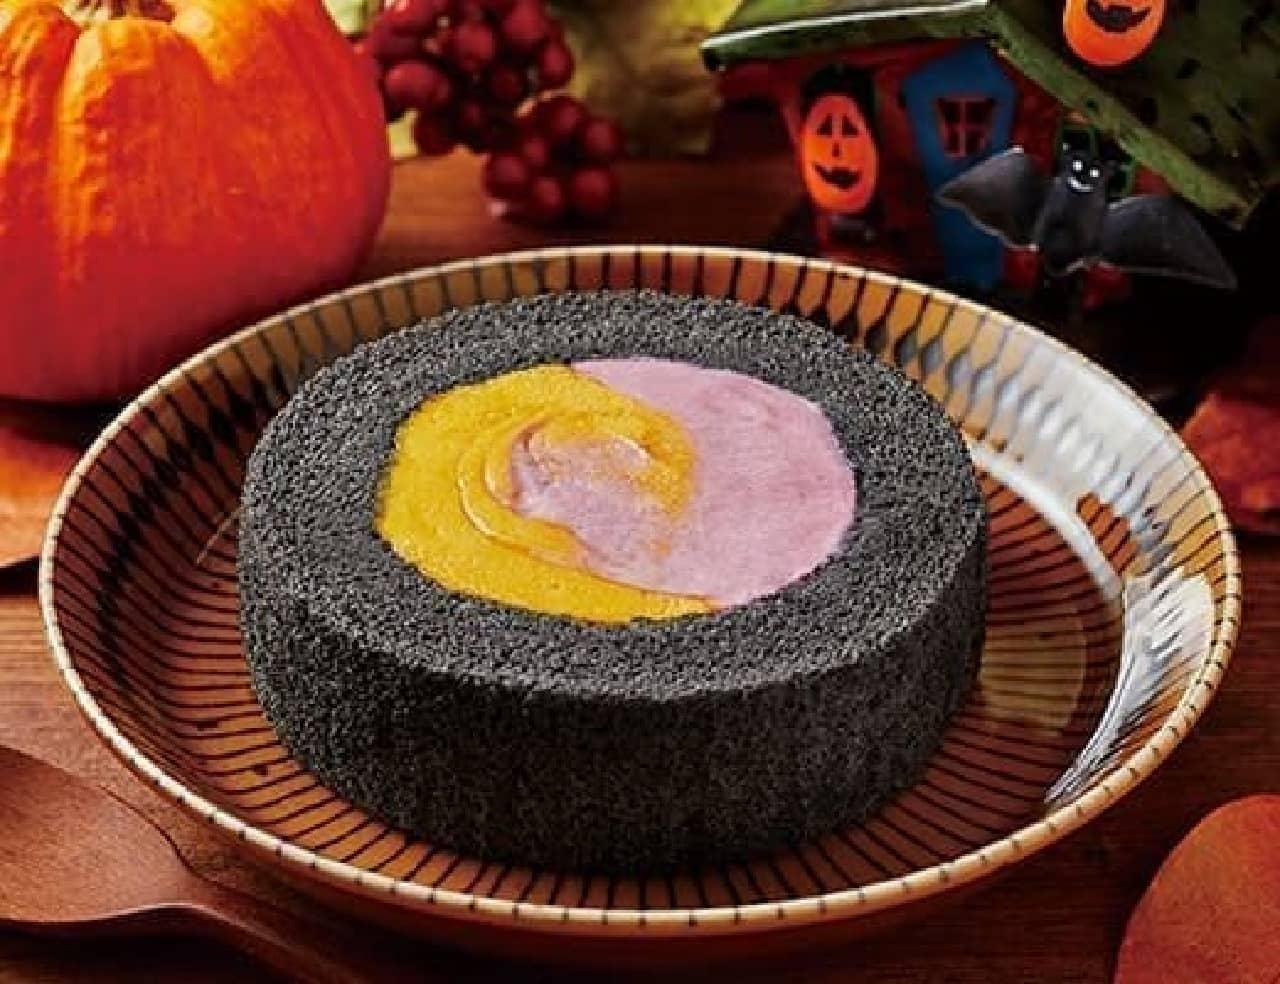 ローソン「プレミアムかぼちゃ&紫芋のロールケーキ」